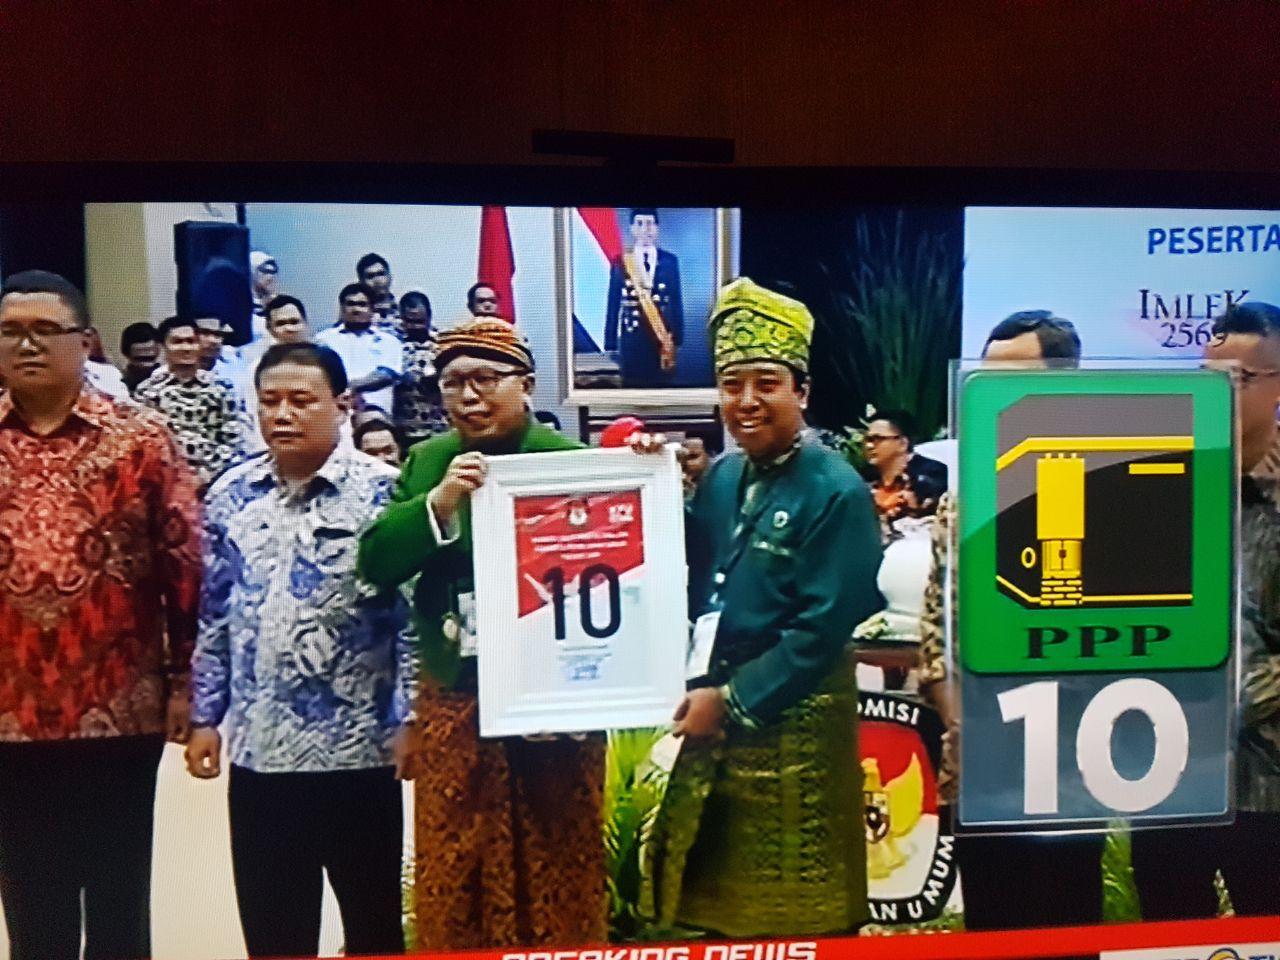 Ketua Umum PPP Gus ROMY Mengatakan No 10 Memiliki Makna Istimewa.